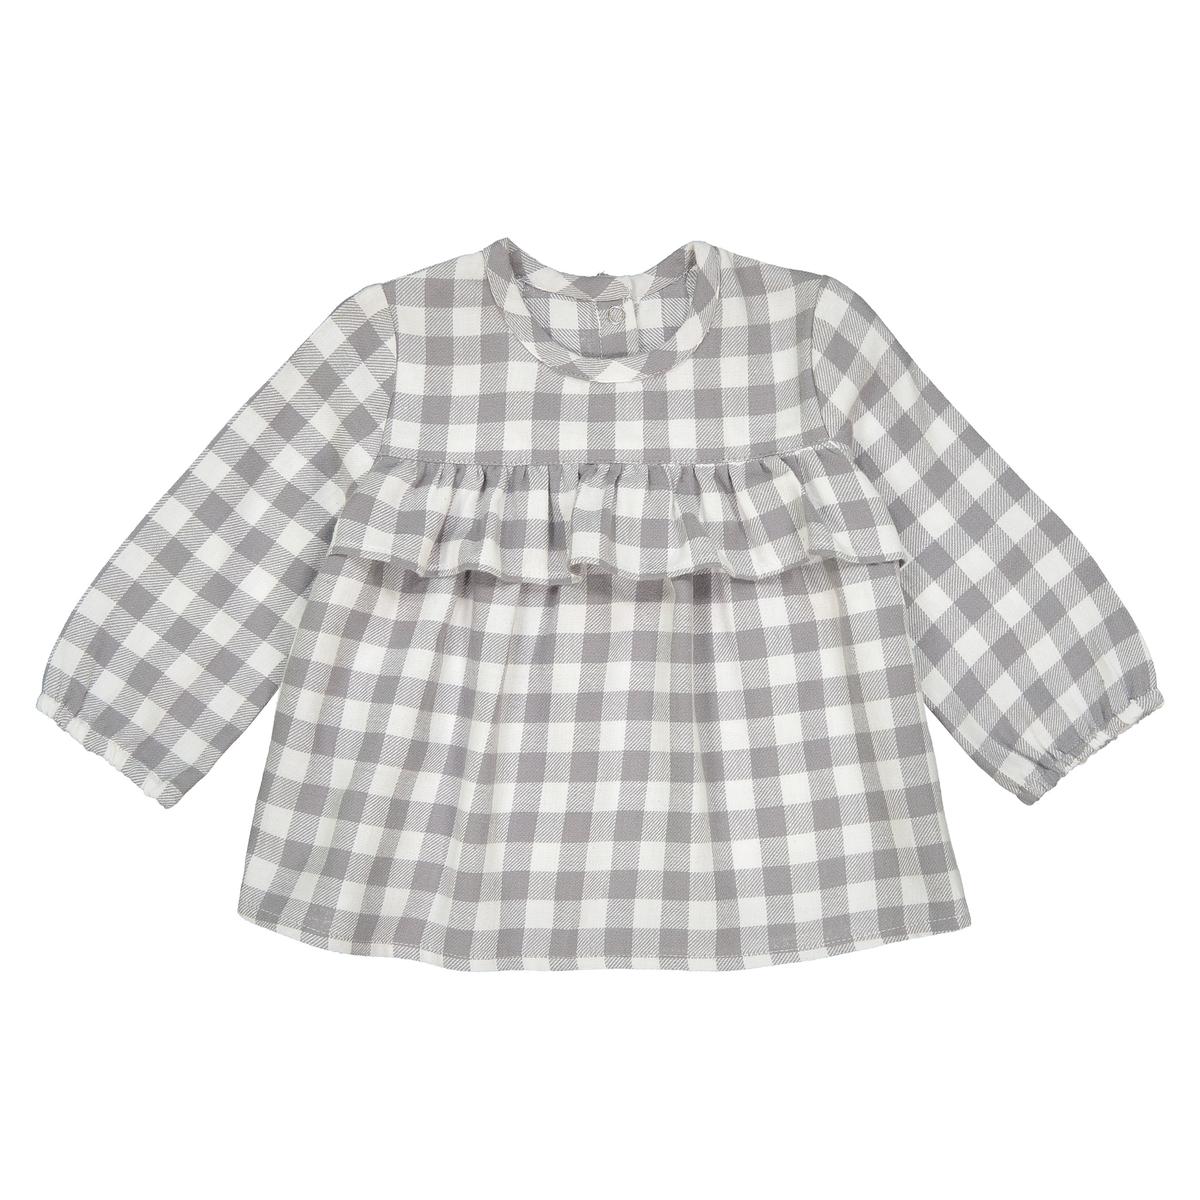 Блузка с длинными рукавами с воланами 1 мес - 3 года